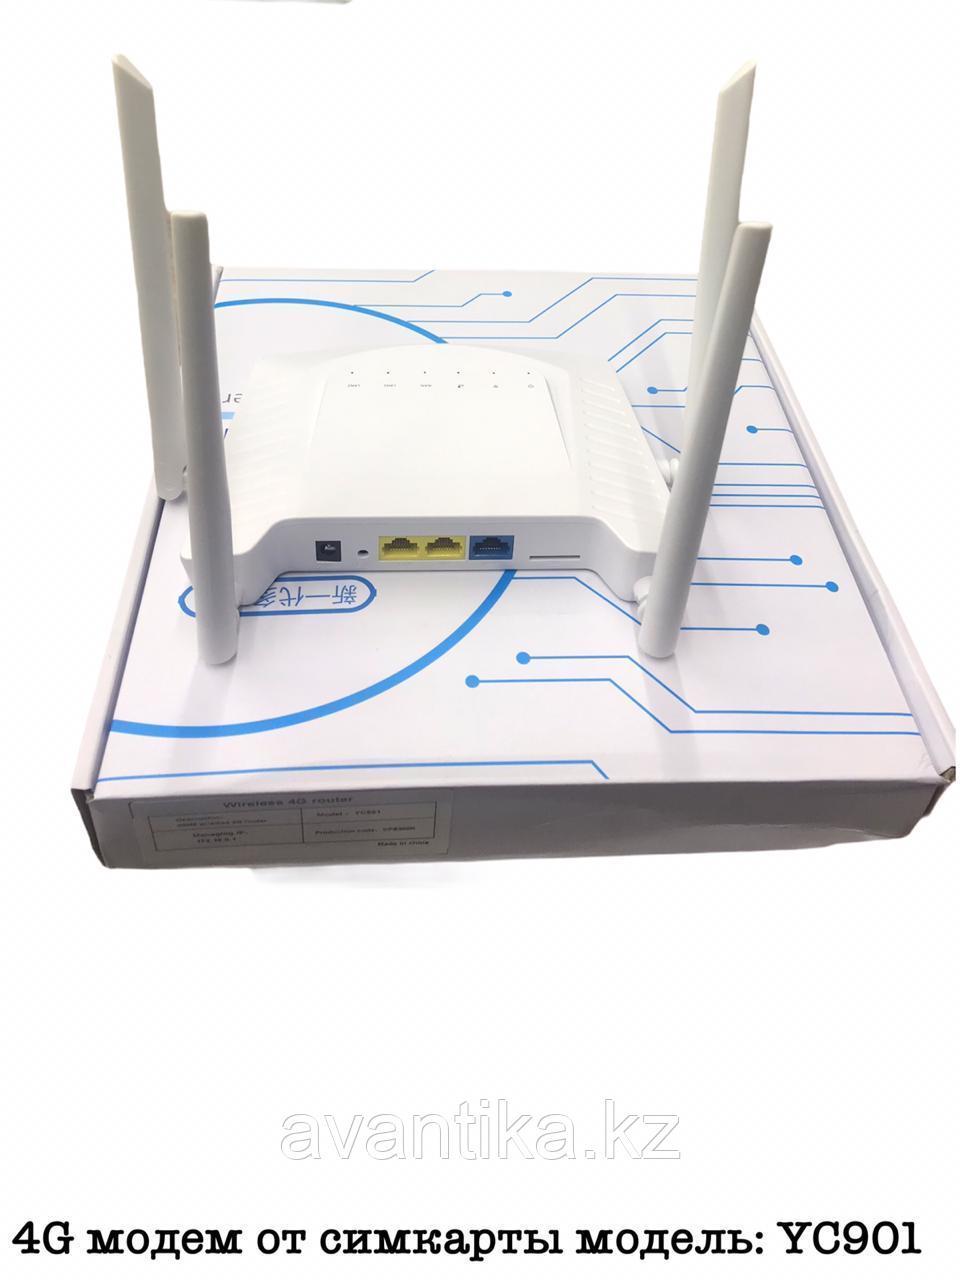 4G модем от симкарты YC901 - фото 2